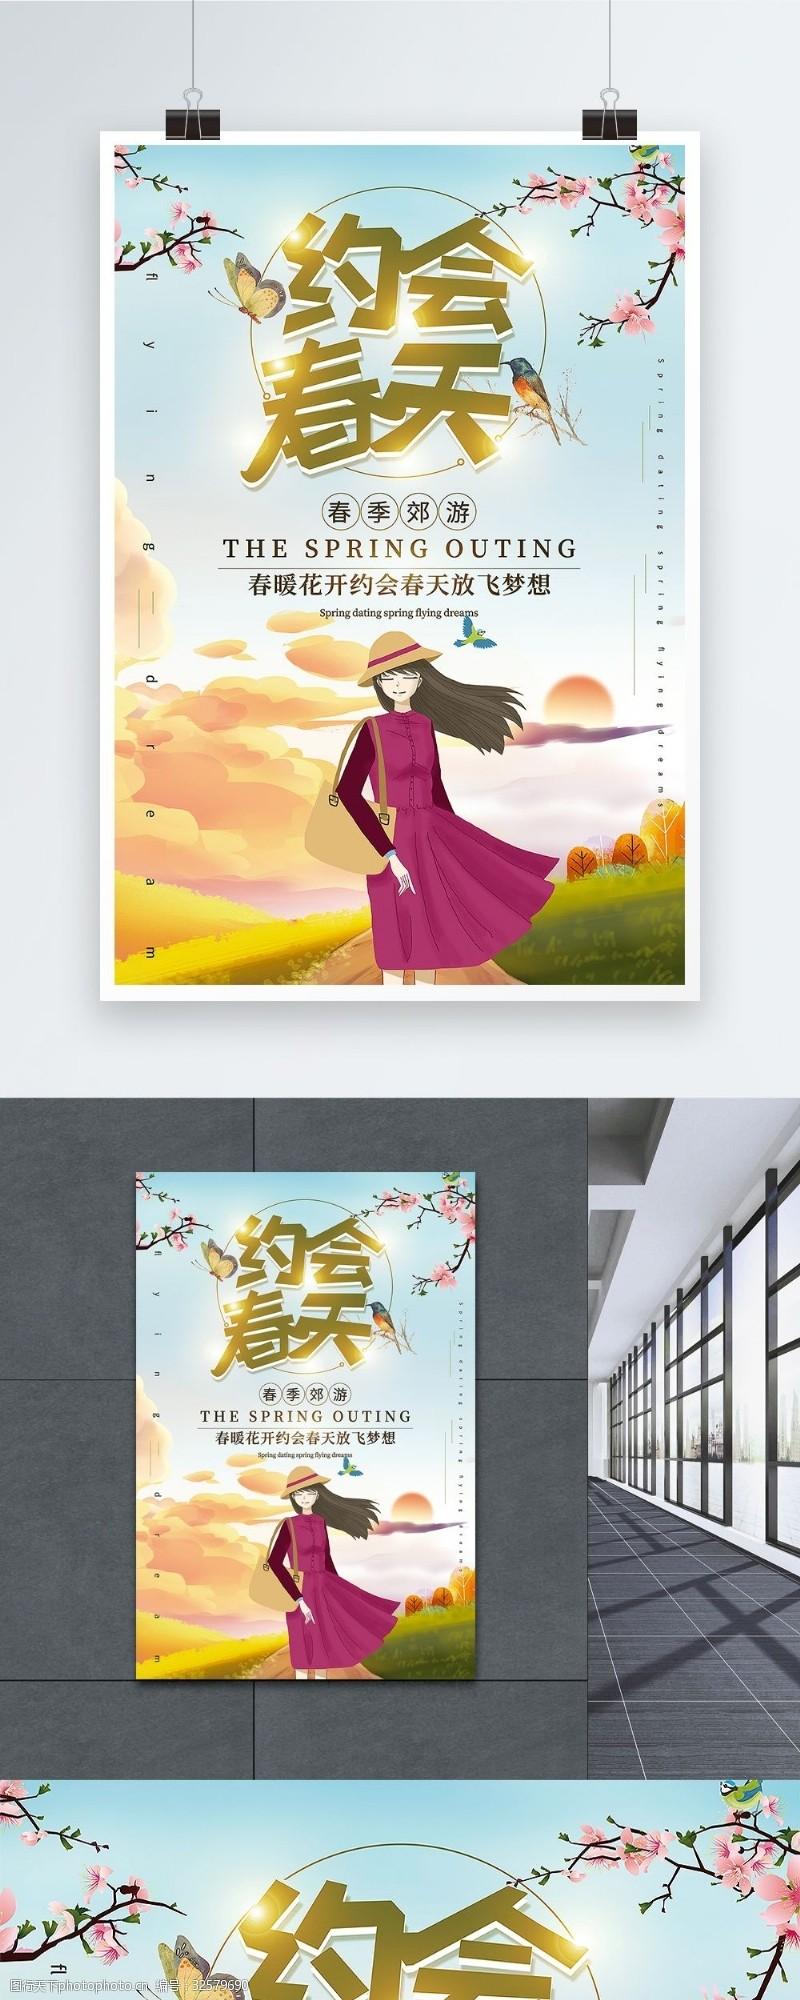 简洁风约会春天春季旅游海报